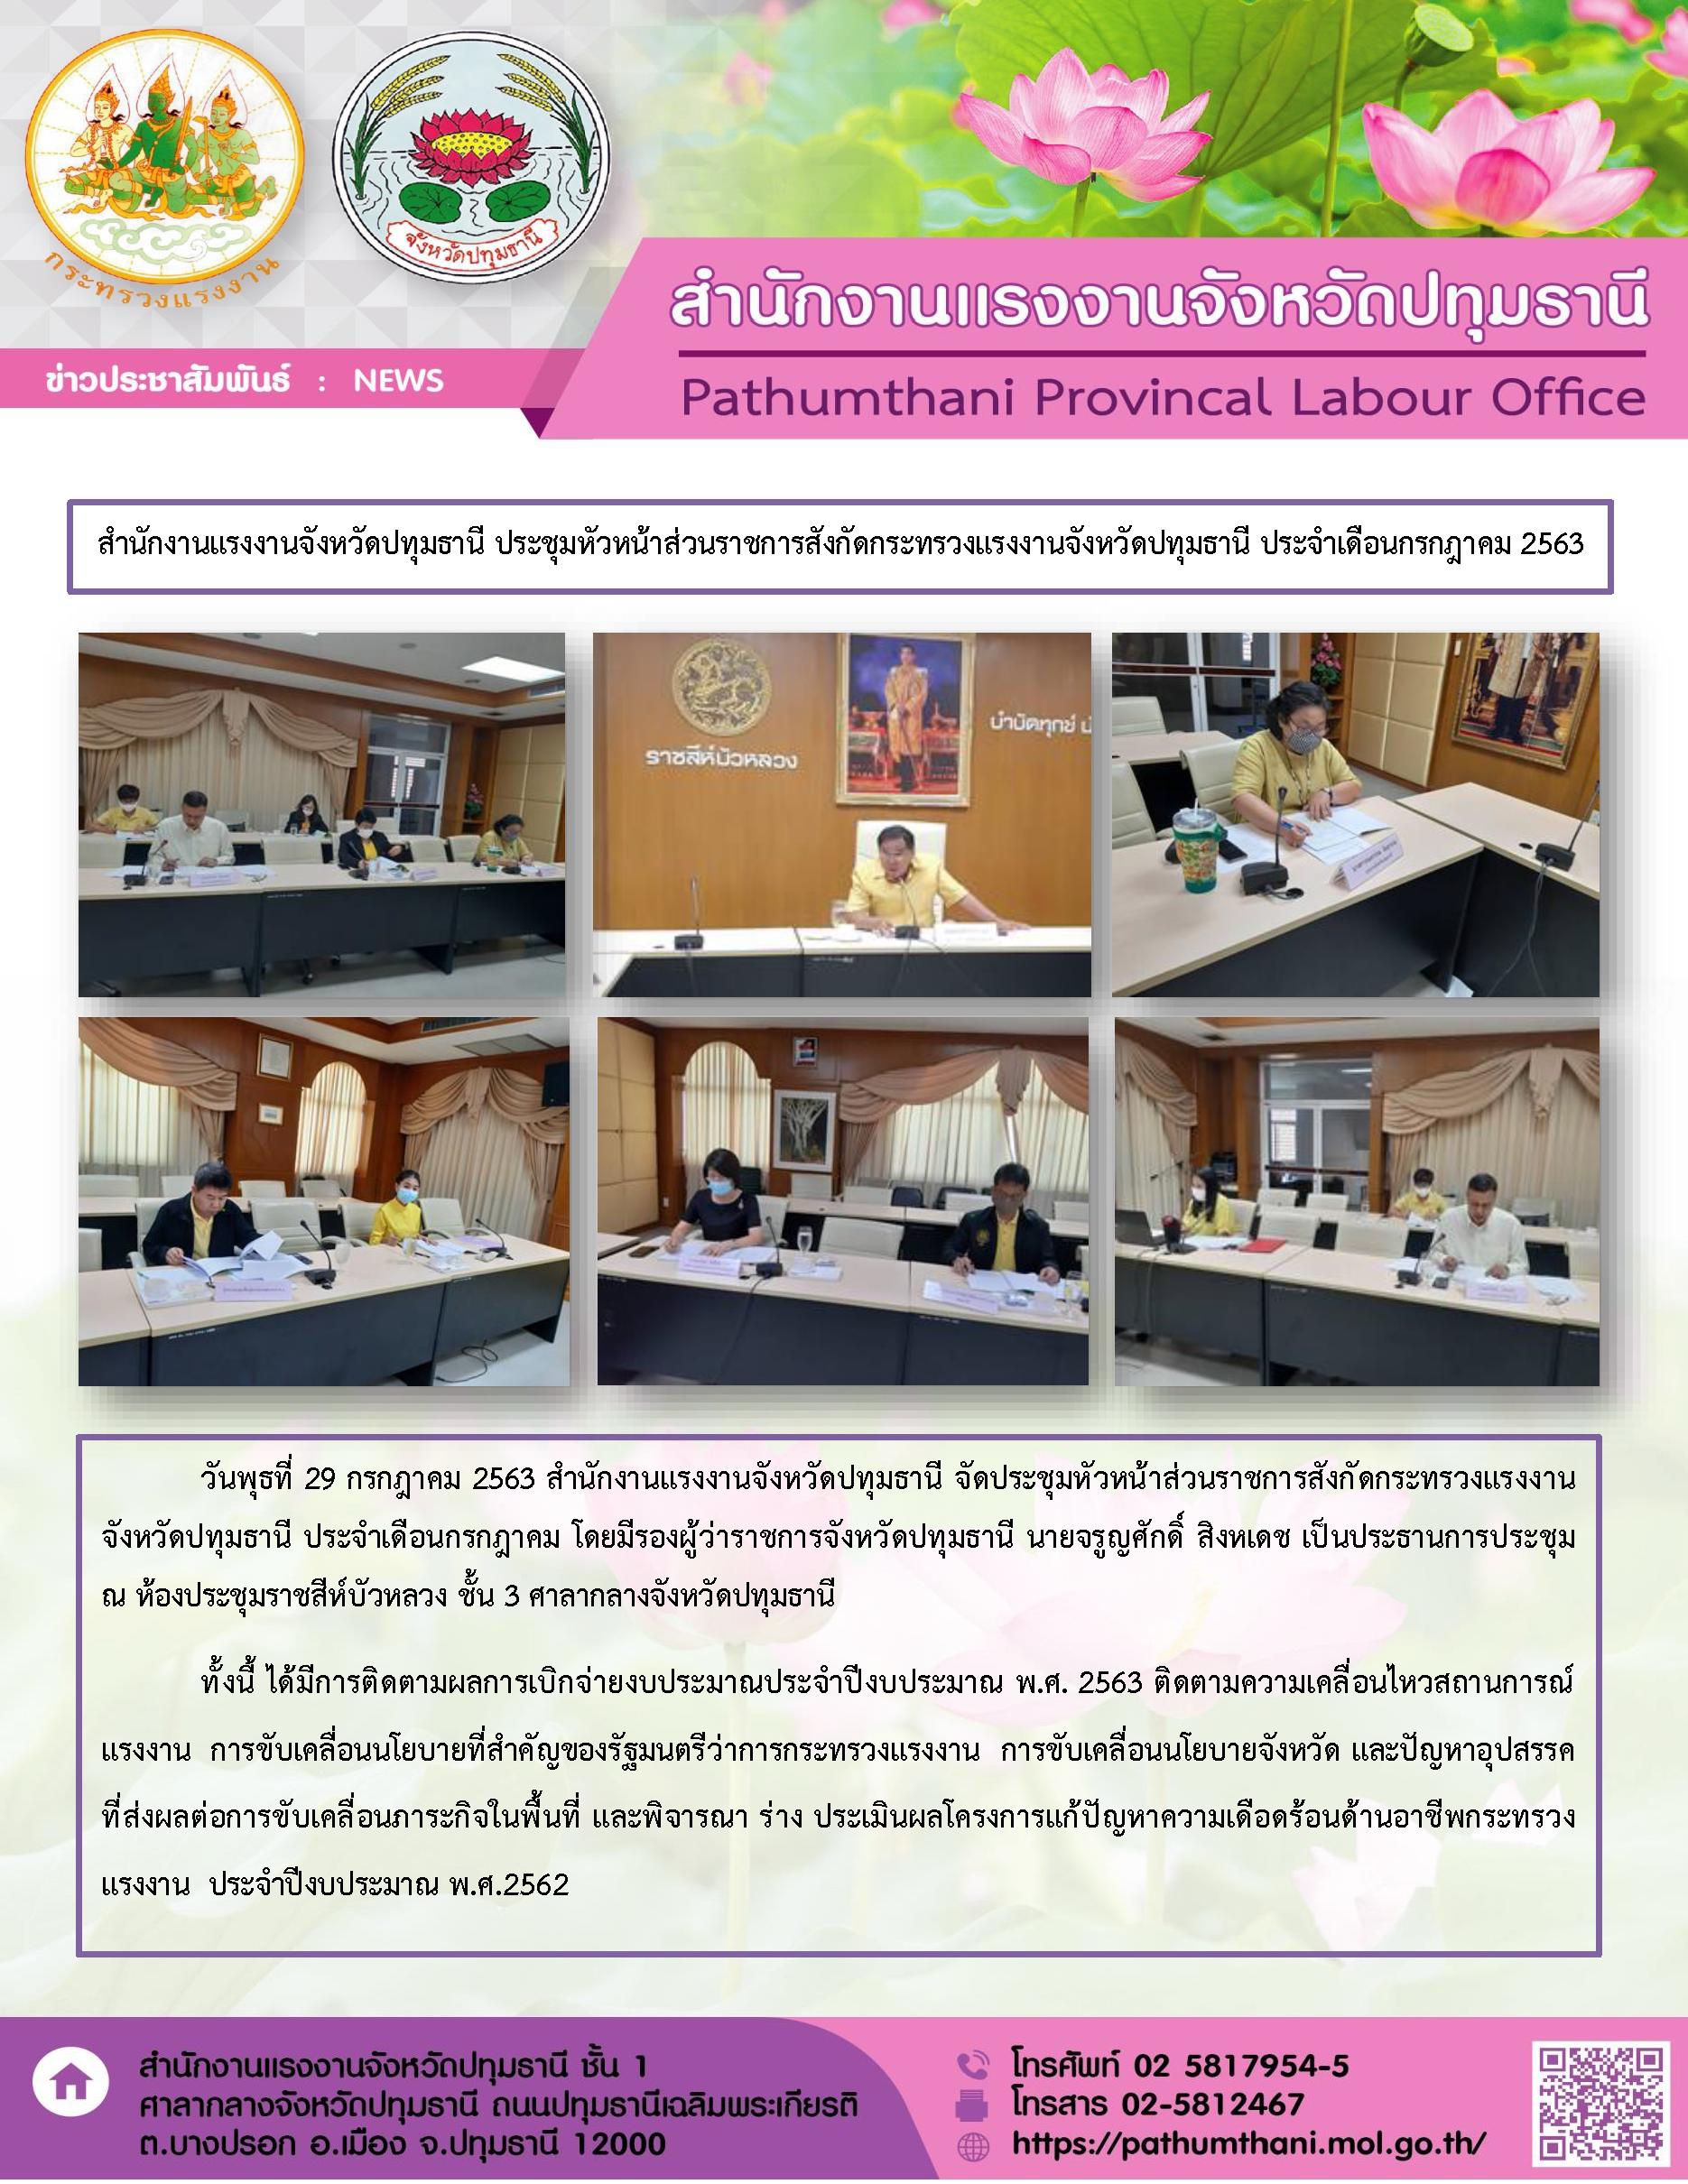 สำนักงานแรงงานจังหวัดปทุมธานี ประชุมหัวหน้าส่วนราชการสังกัดกระทรวงแรงงานจังหวัดปทุมธานี ประจำเดือนกรกฎาคม 2563